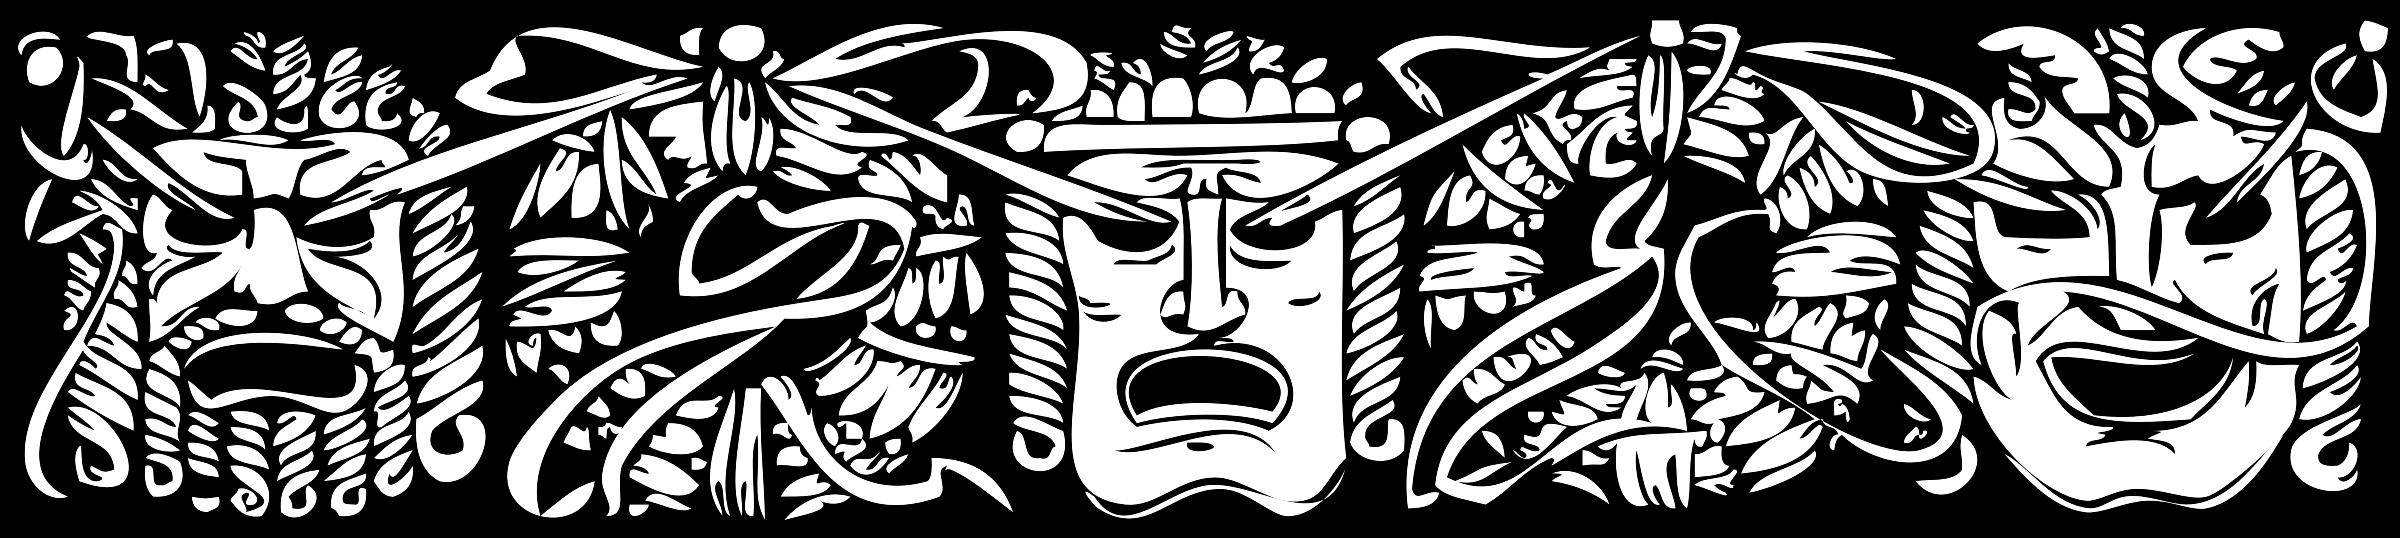 Mask big image png. Theatre clipart border